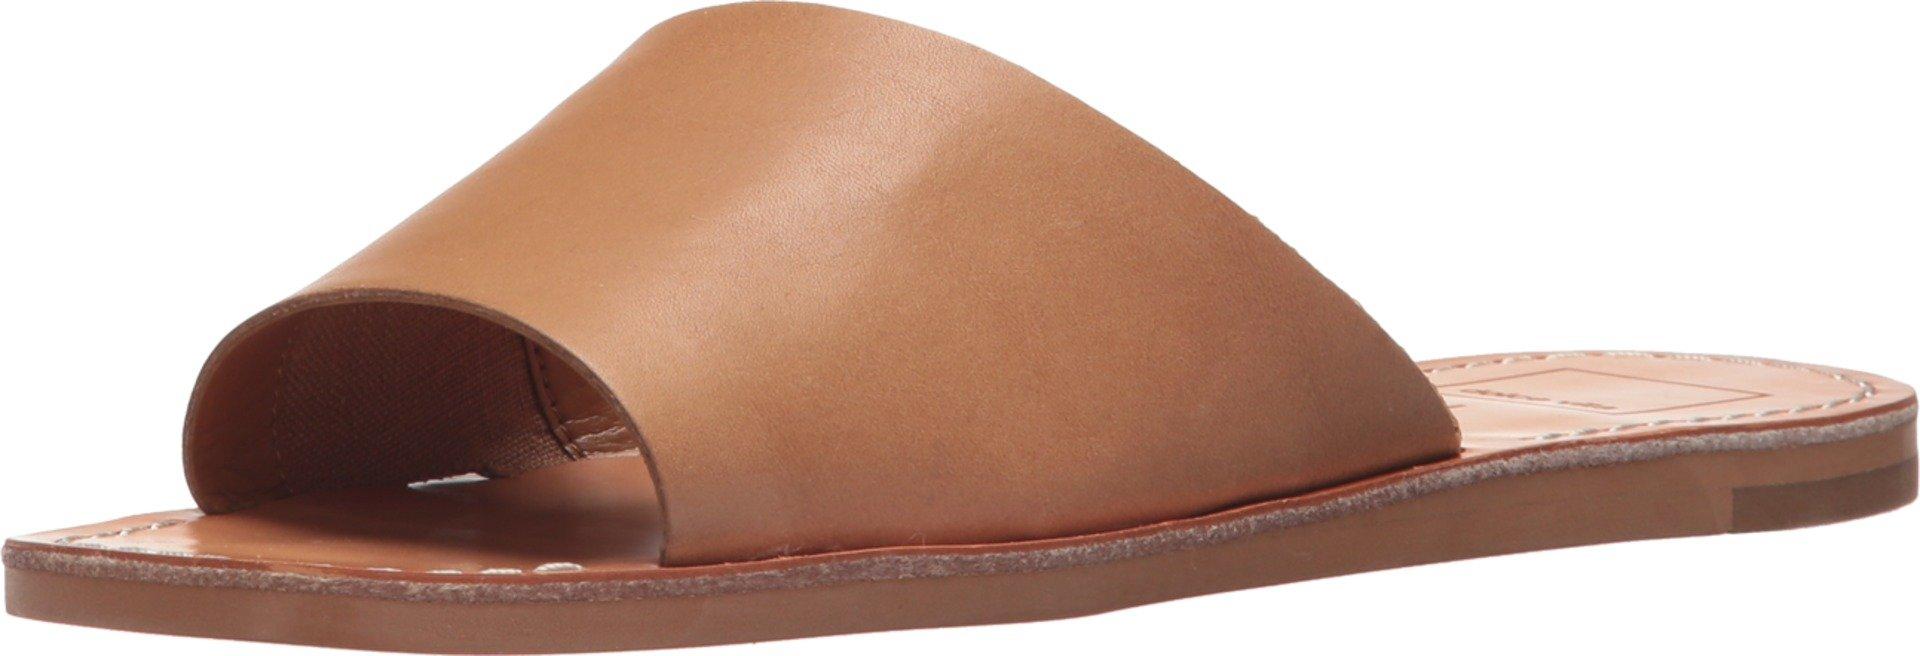 Dolce Vita Women's Cato Slide Sandal, Caramel Leather, 8.5 M US